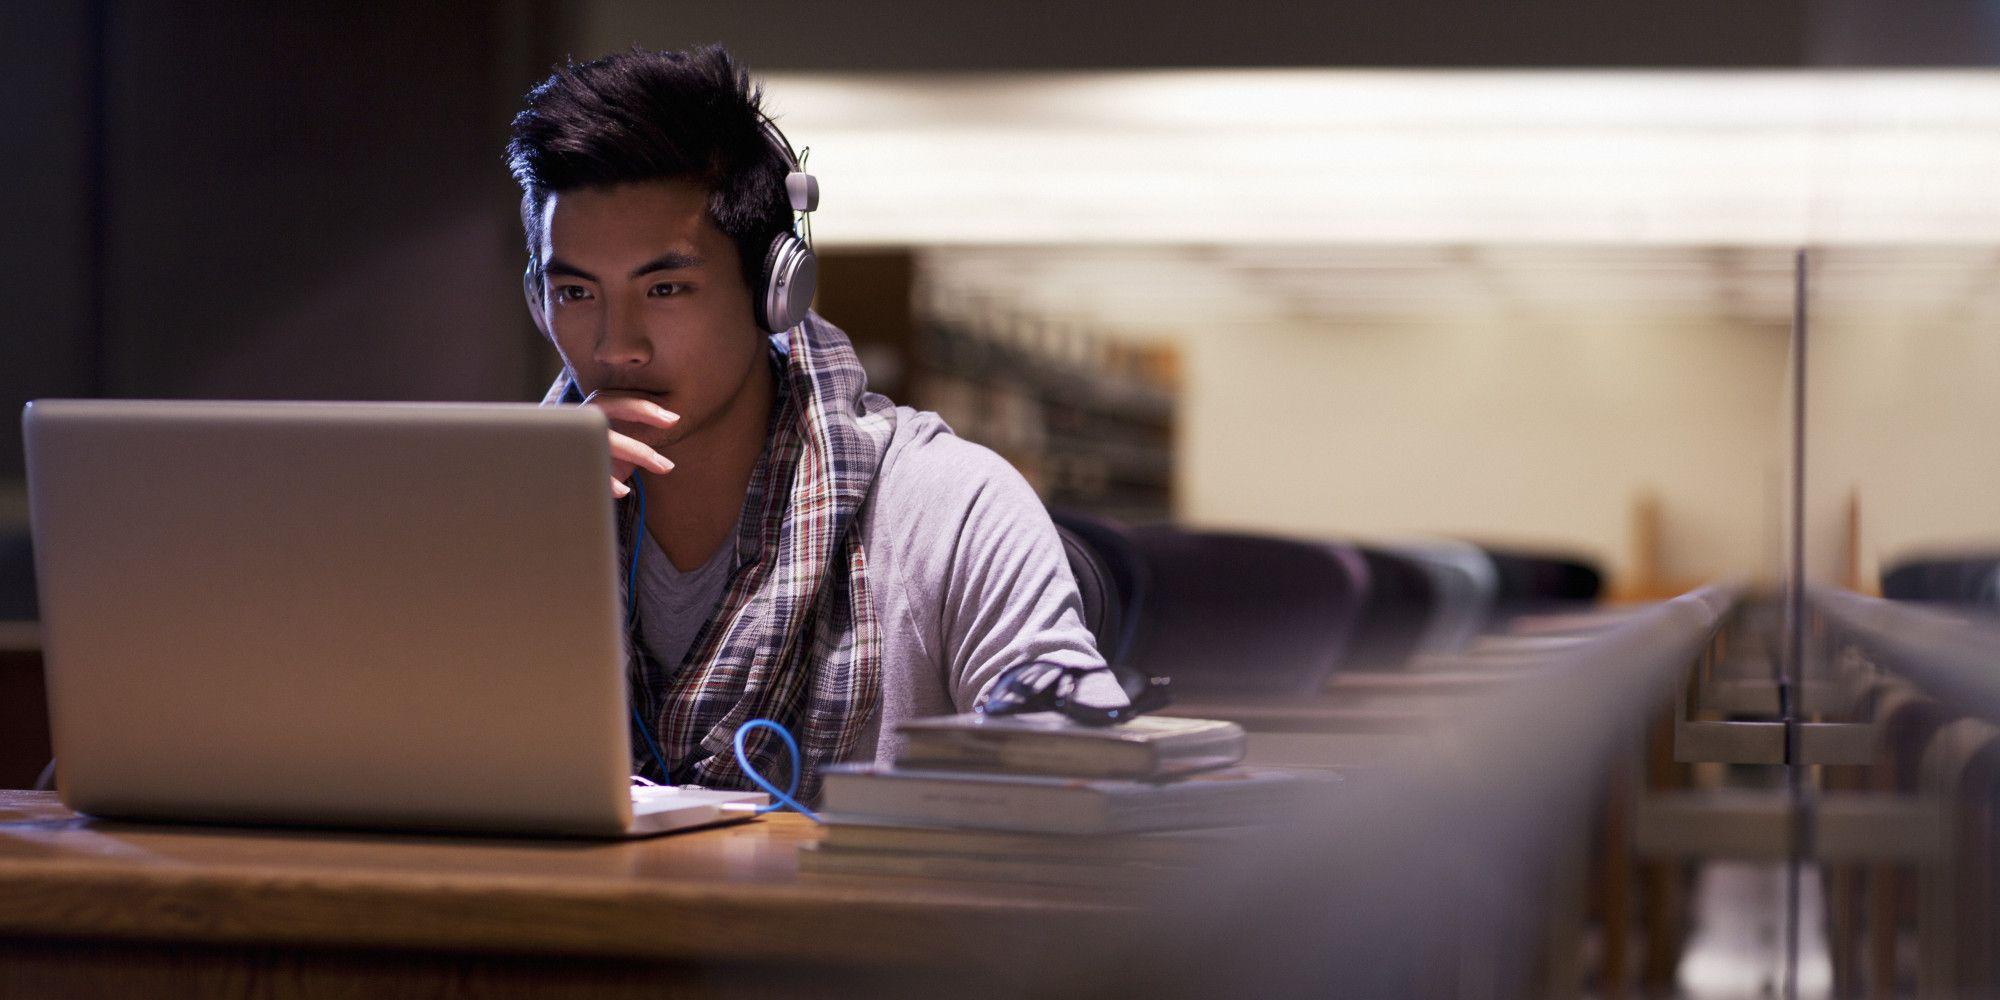 The Future Of Online Learning Is Massive. Presenta pros y contras de los MOOCS, especialemente en la Educación Superior. Presenta una visión muy positiva y optimista de los mismos.